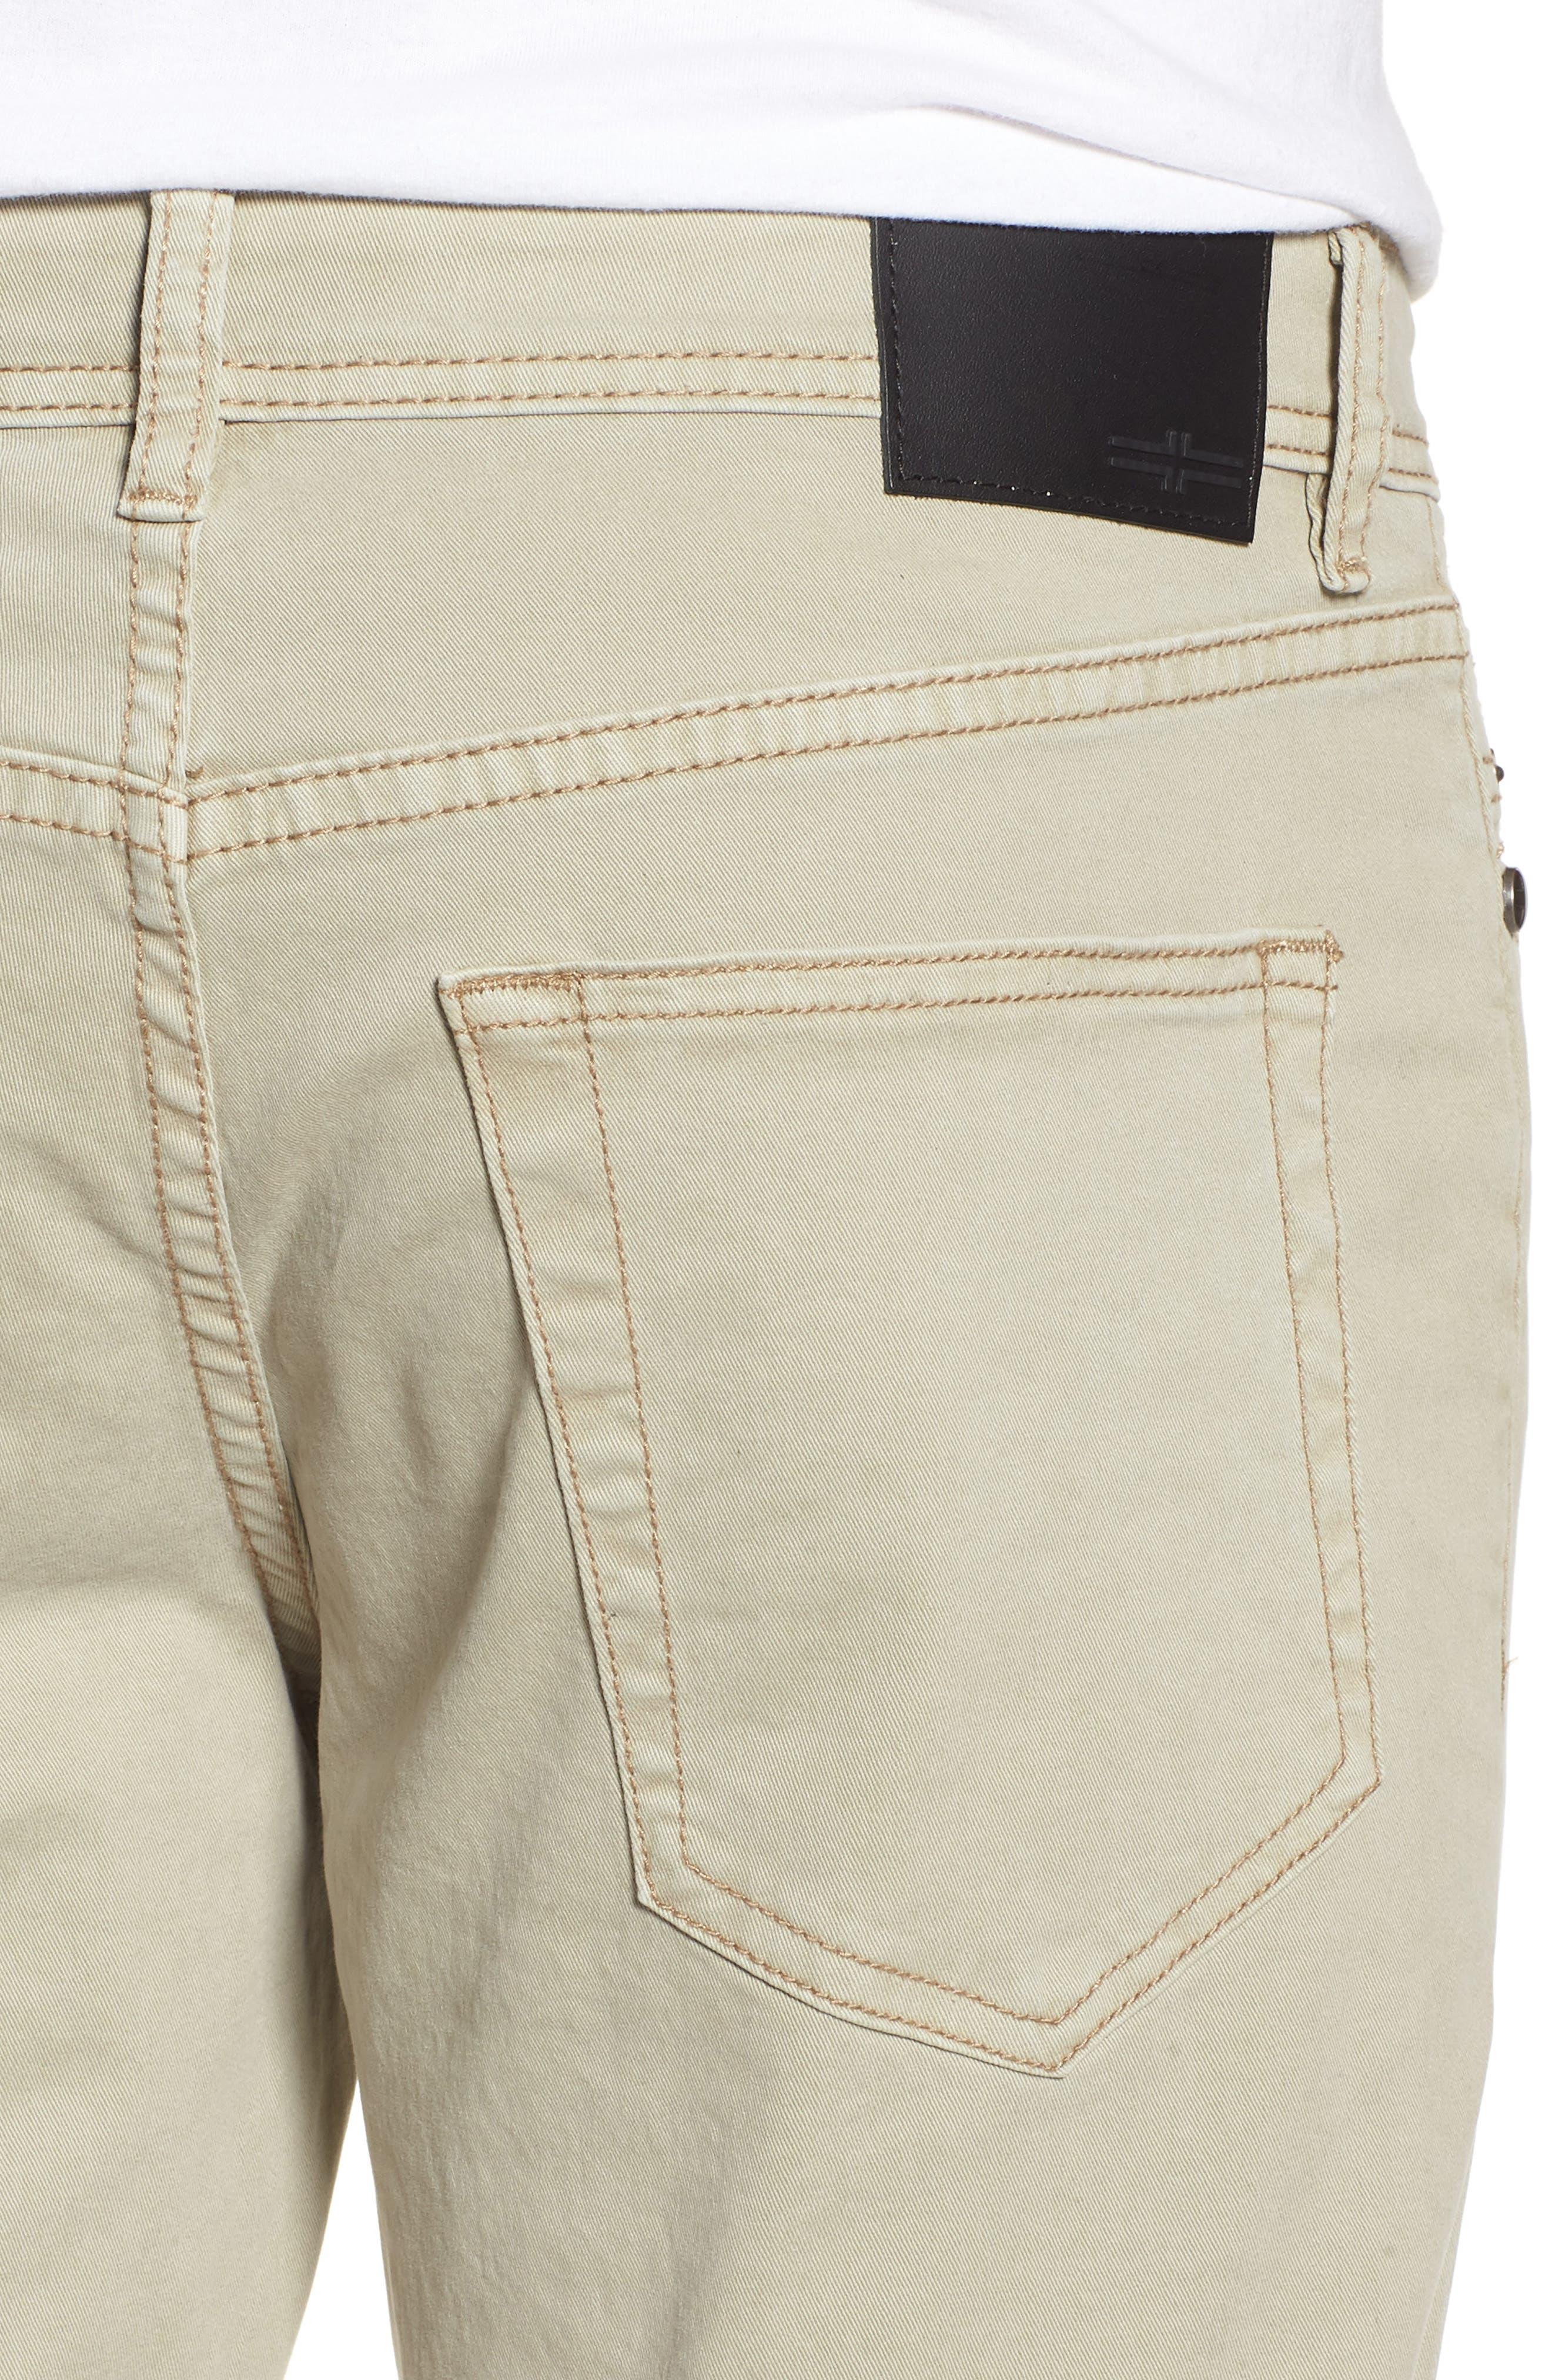 Jeans Co. Slim Straight Leg Jeans,                             Alternate thumbnail 4, color,                             Sandstrom